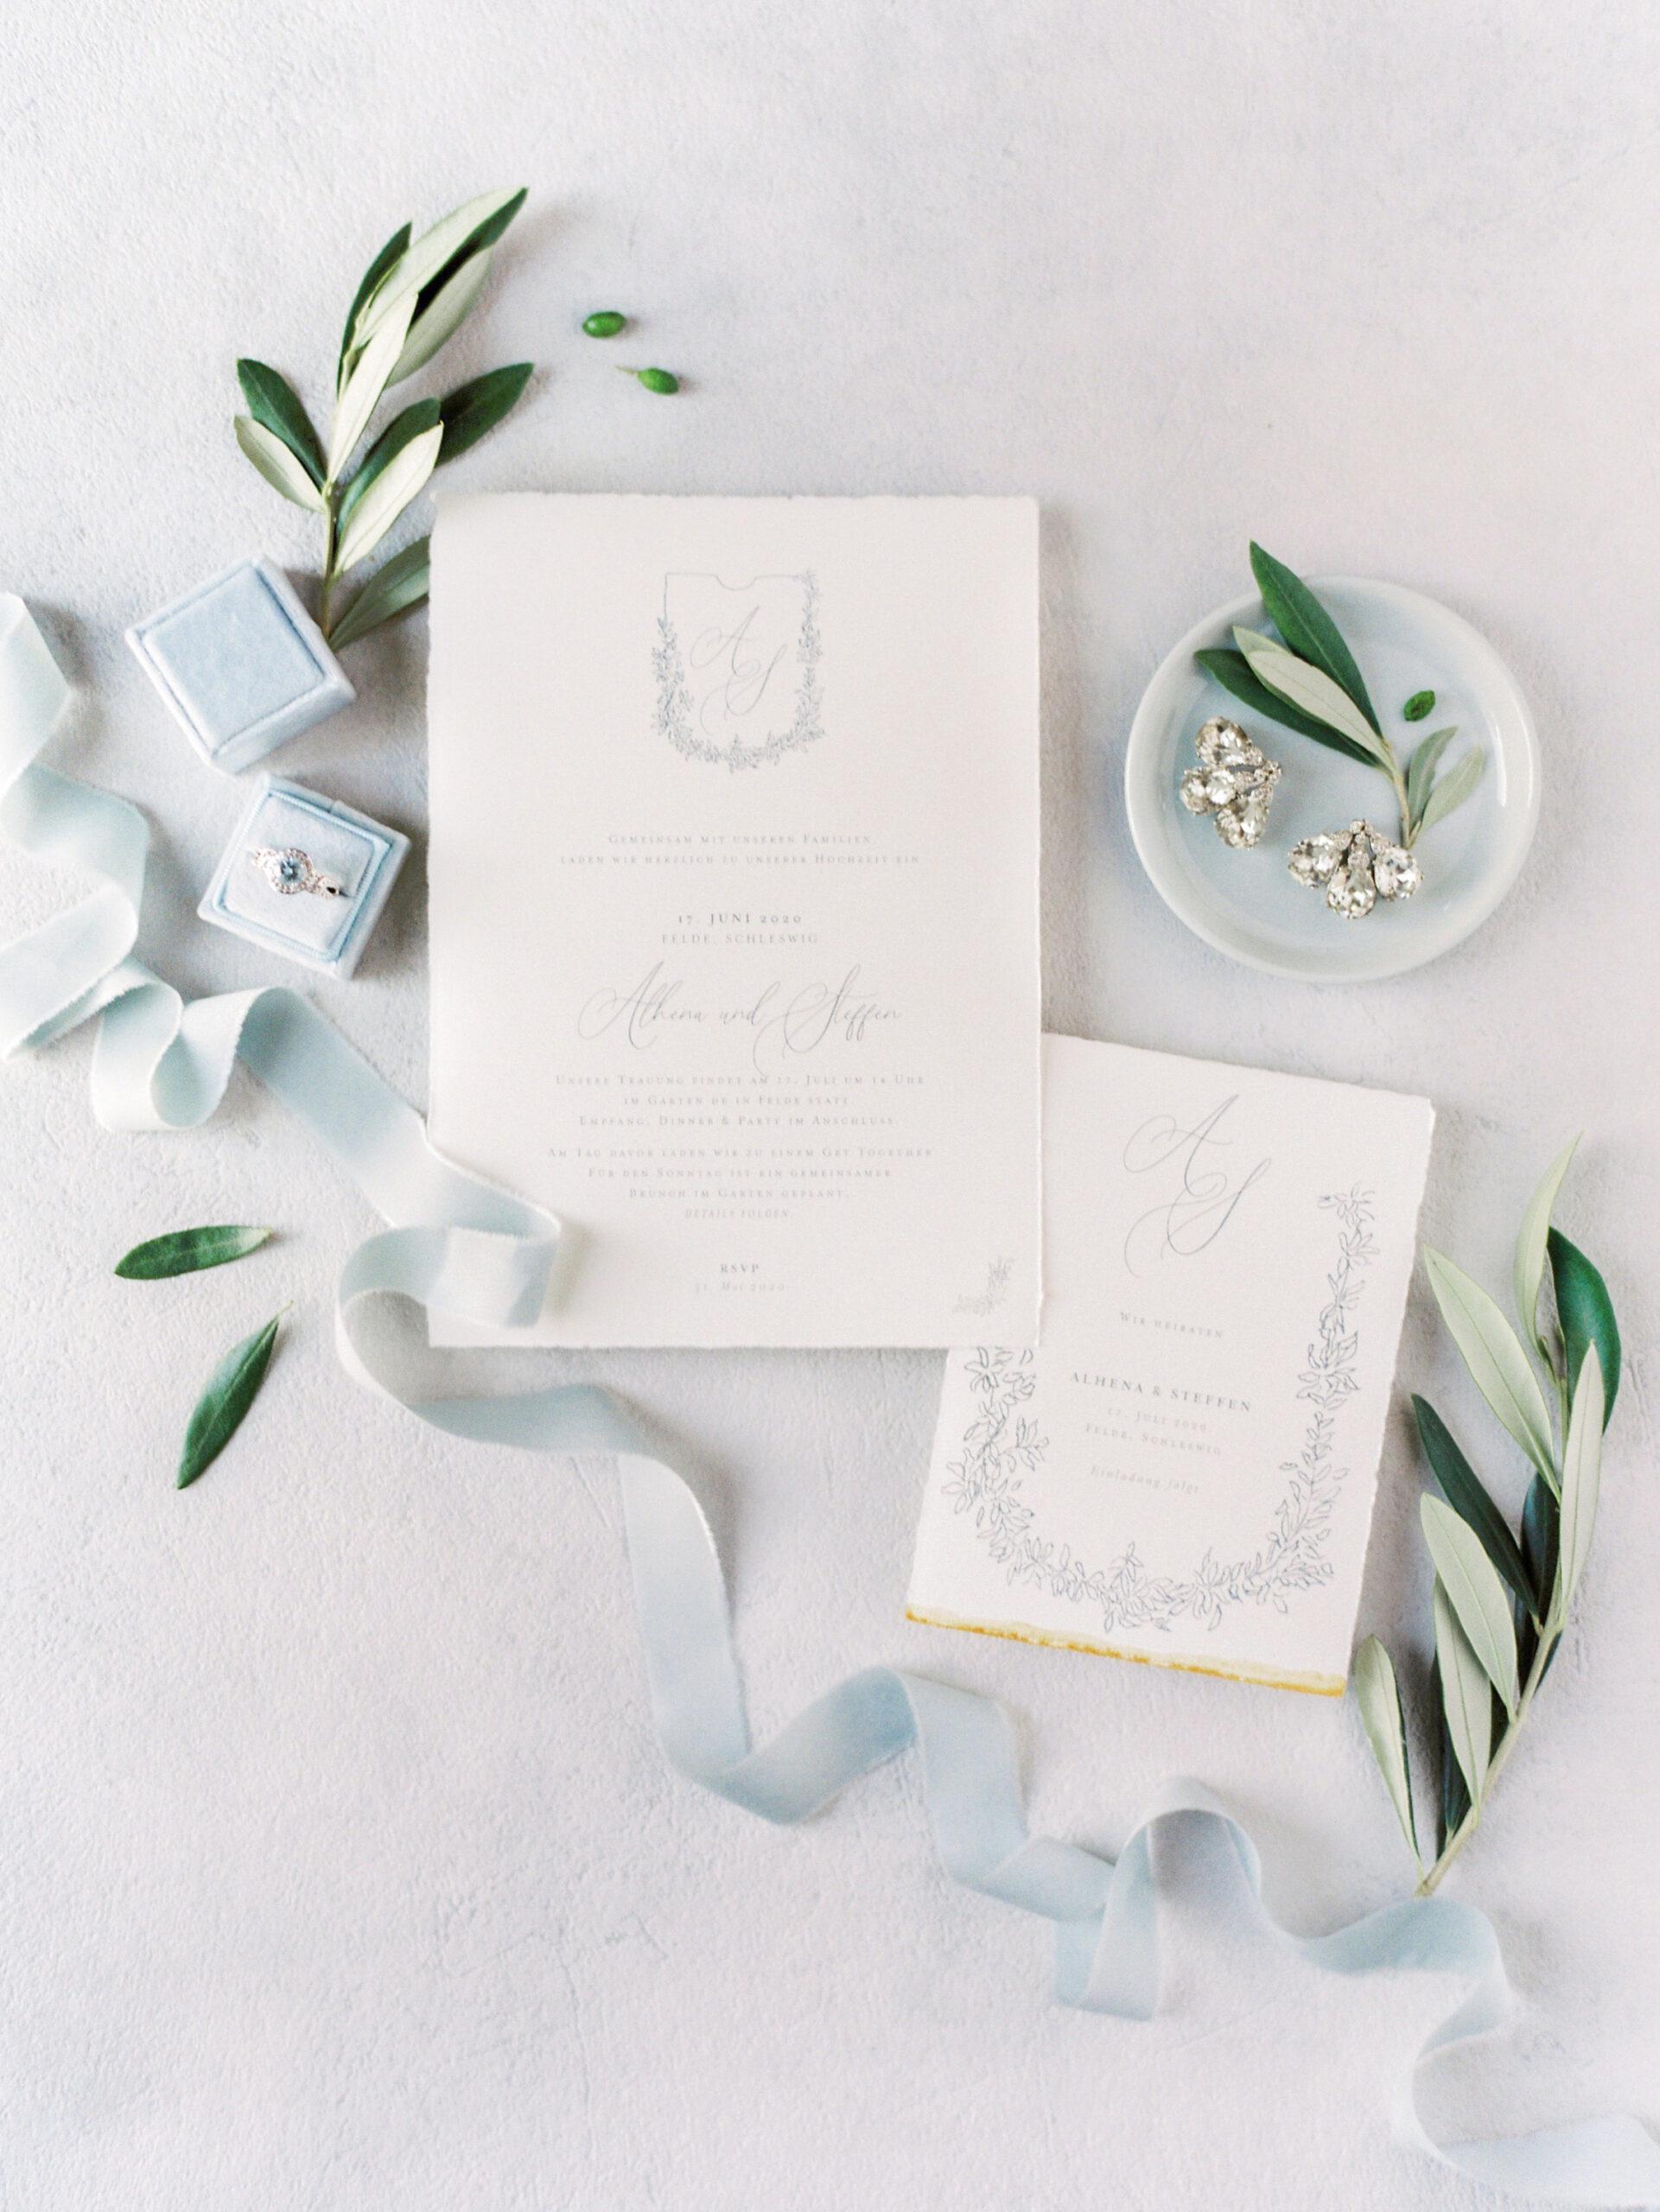 Blue Pearls Hochzeitspapeterie Einladung und Save the Date von Honeybird.de